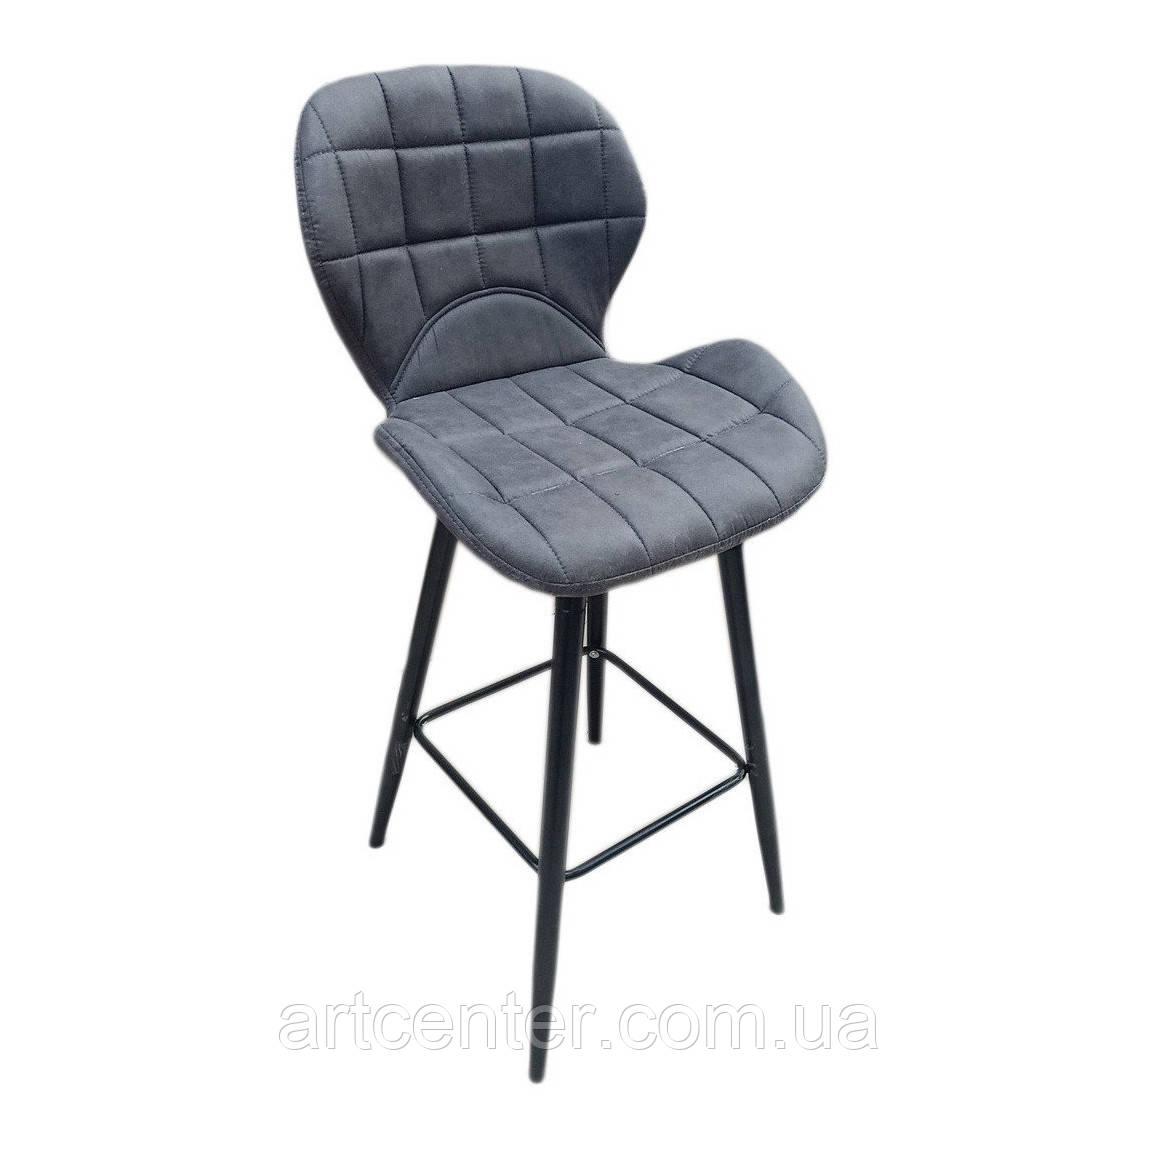 Стул барный Дайм Н (Dime), металл черный, экокожа серого цвета